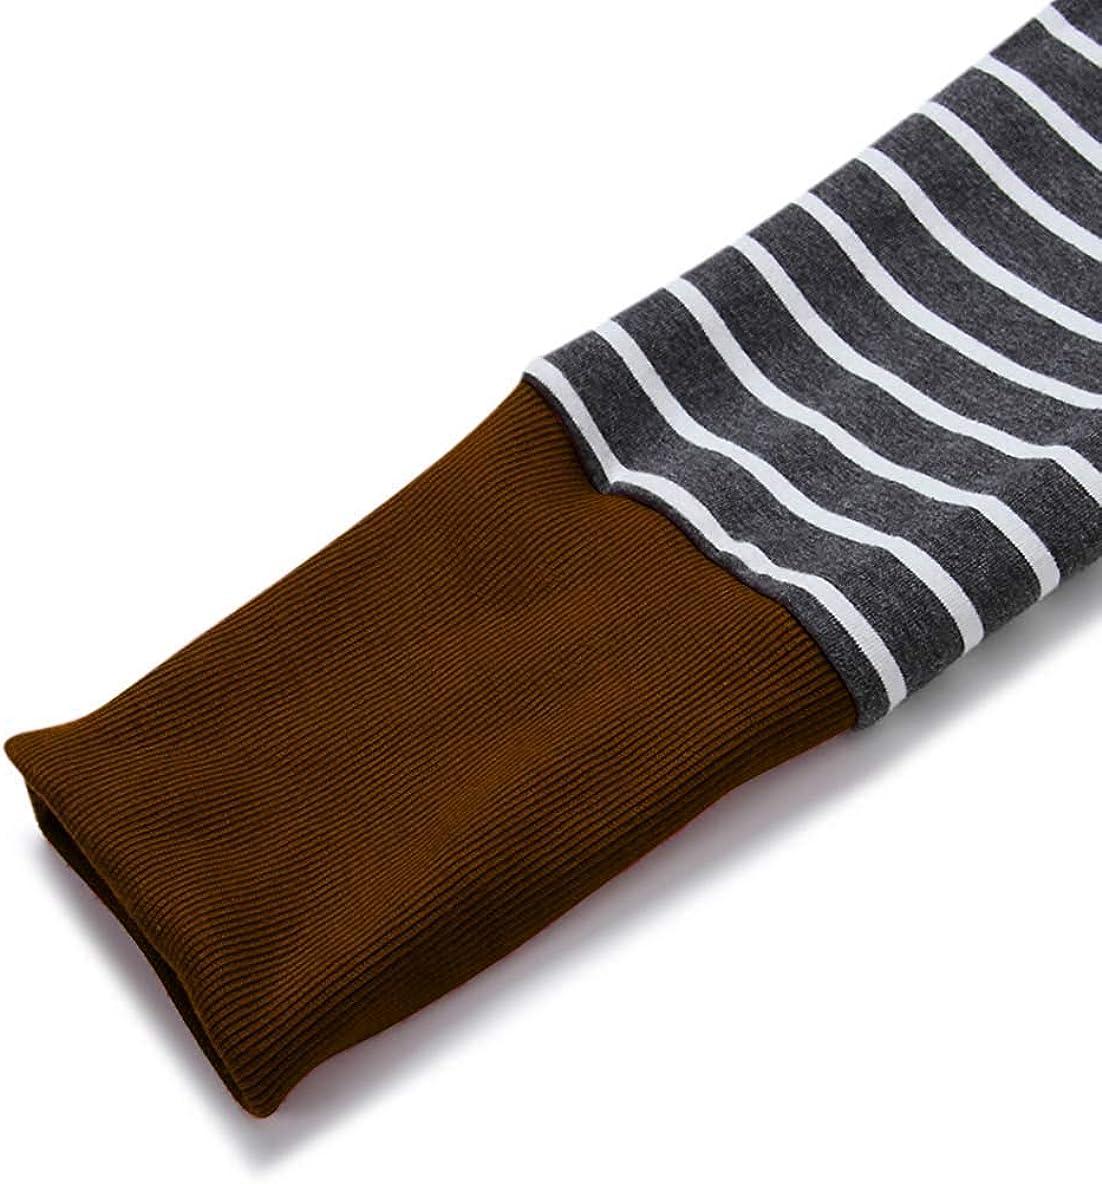 Tomwell Donna Casual Elegante Solid Bottoni Manica Lunga di Lavoro a Maglia con Scollo a V Slim Cardigan Maglione della Ragazza